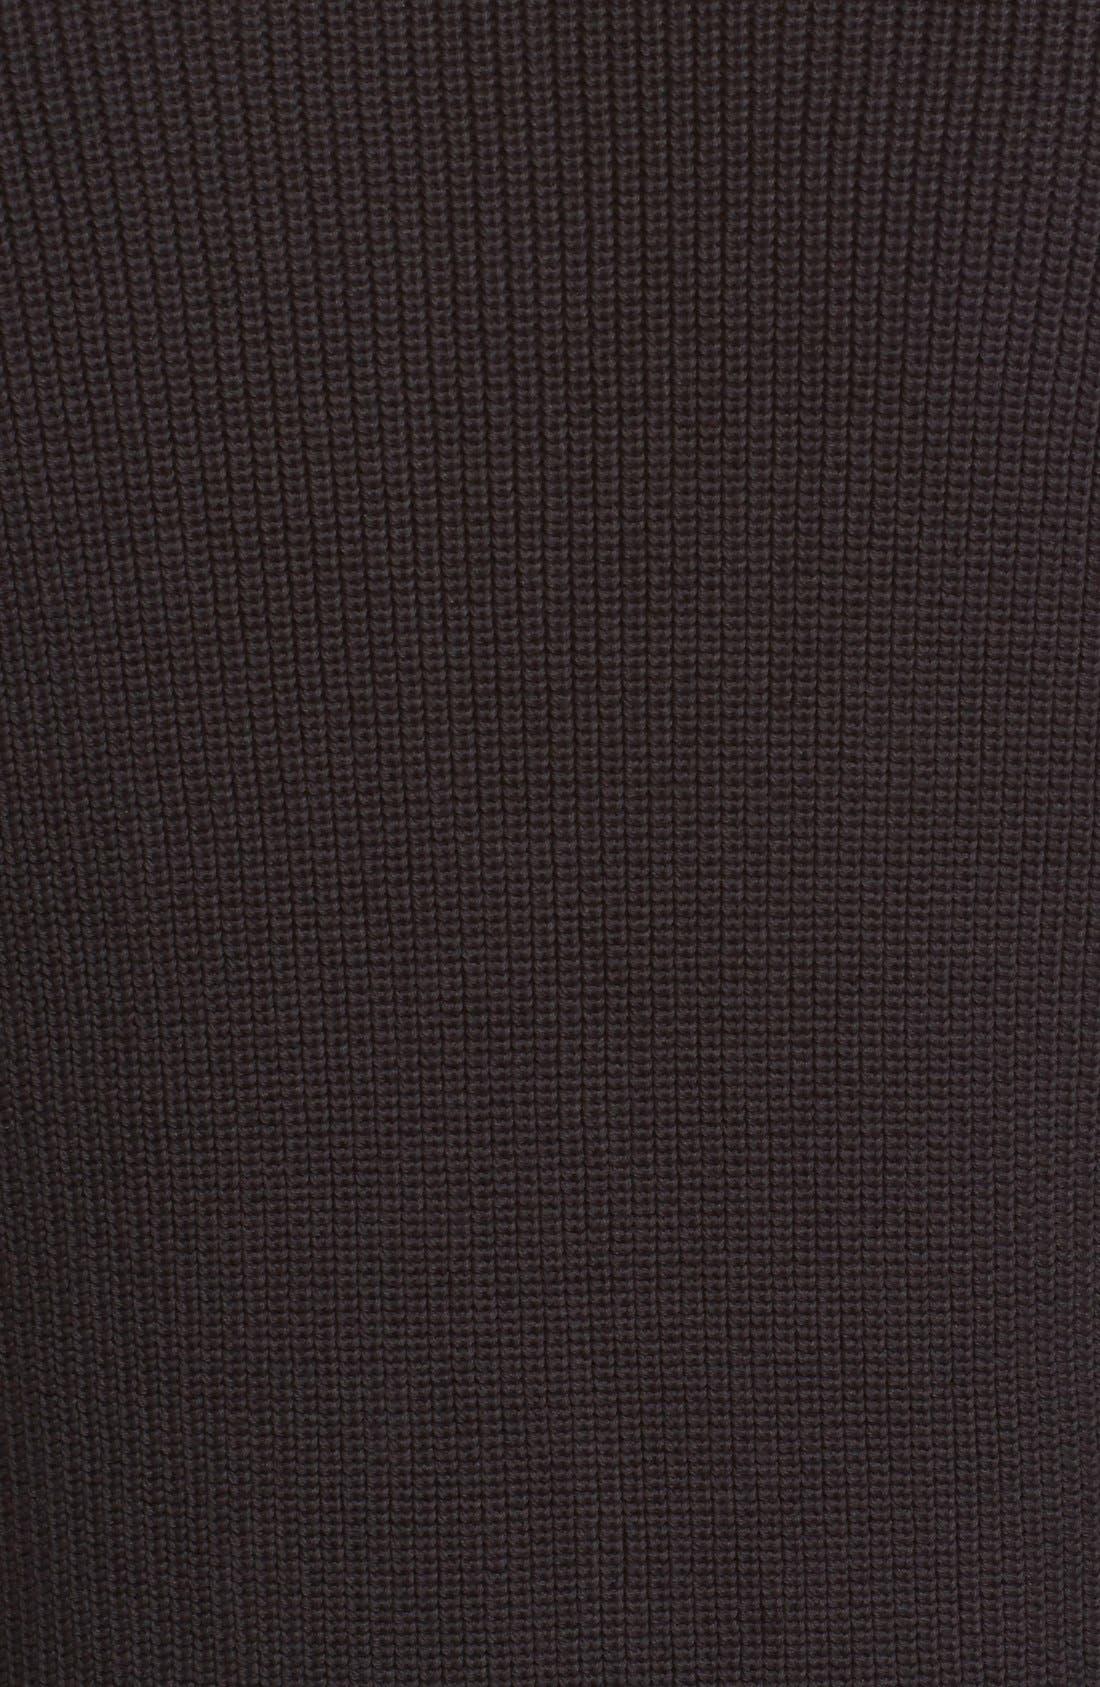 Parkgate Zip Front Mock Neck Sweater,                             Alternate thumbnail 5, color,                             001